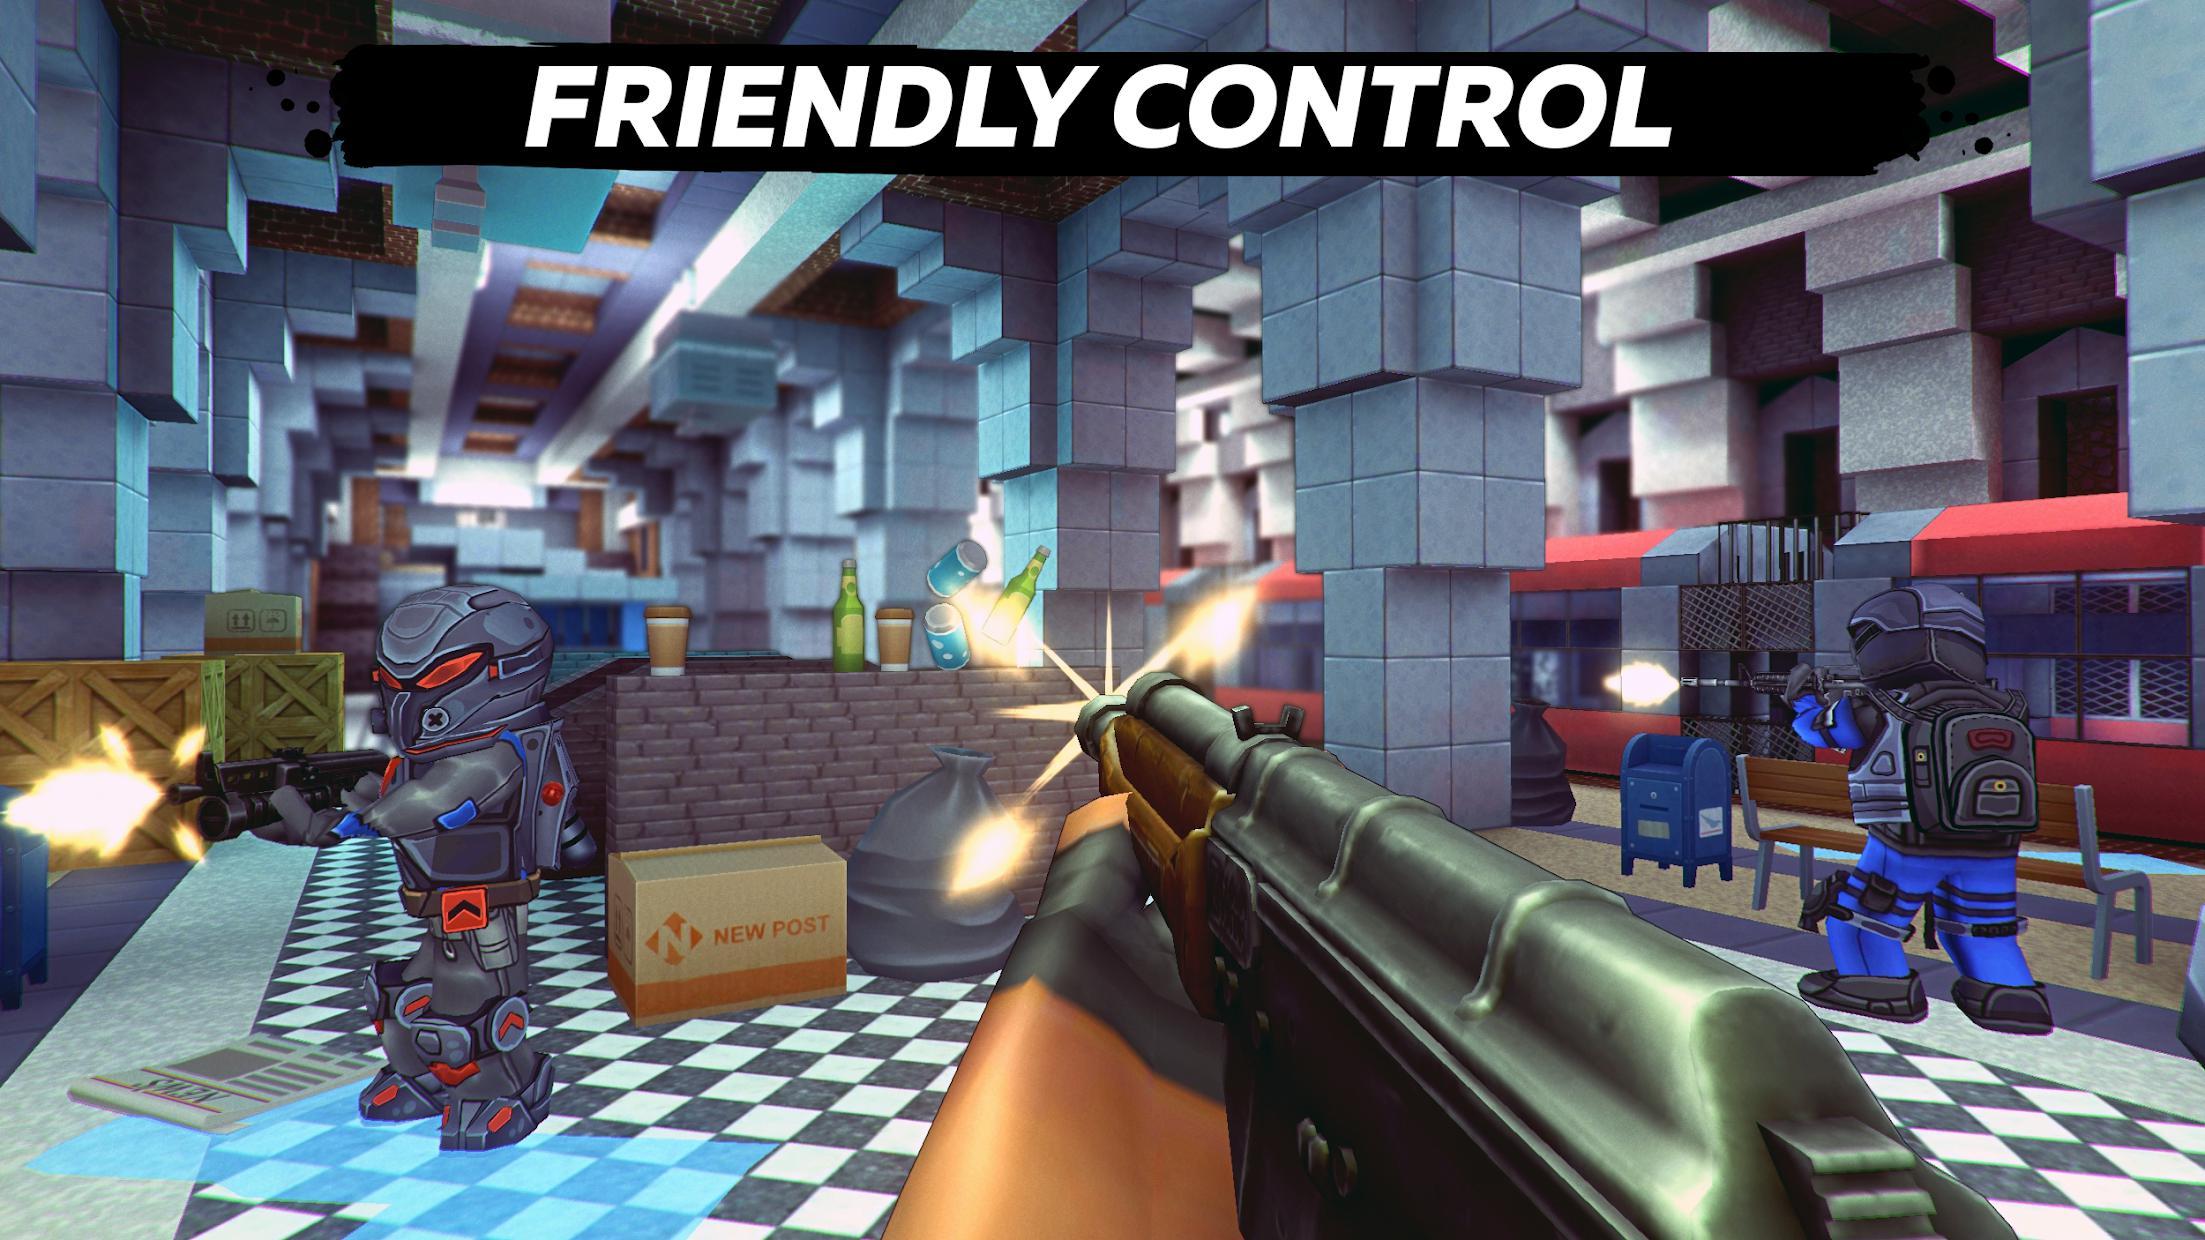 酷炸射击 游戏截图5